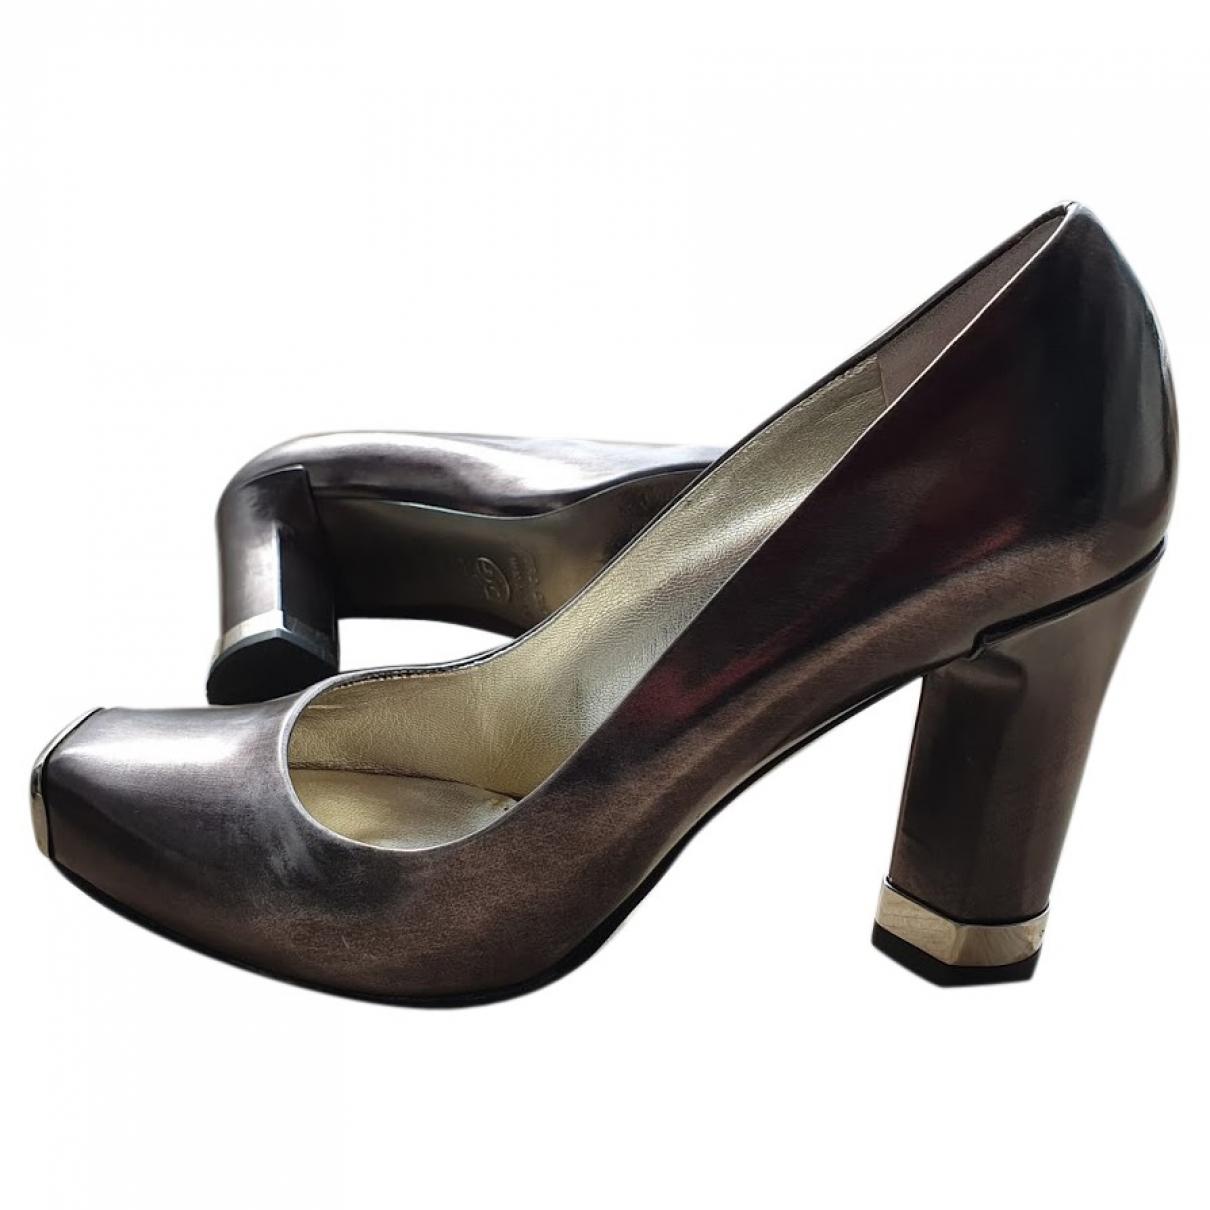 Dolce & Gabbana - Escarpins   pour femme en cuir verni - argente